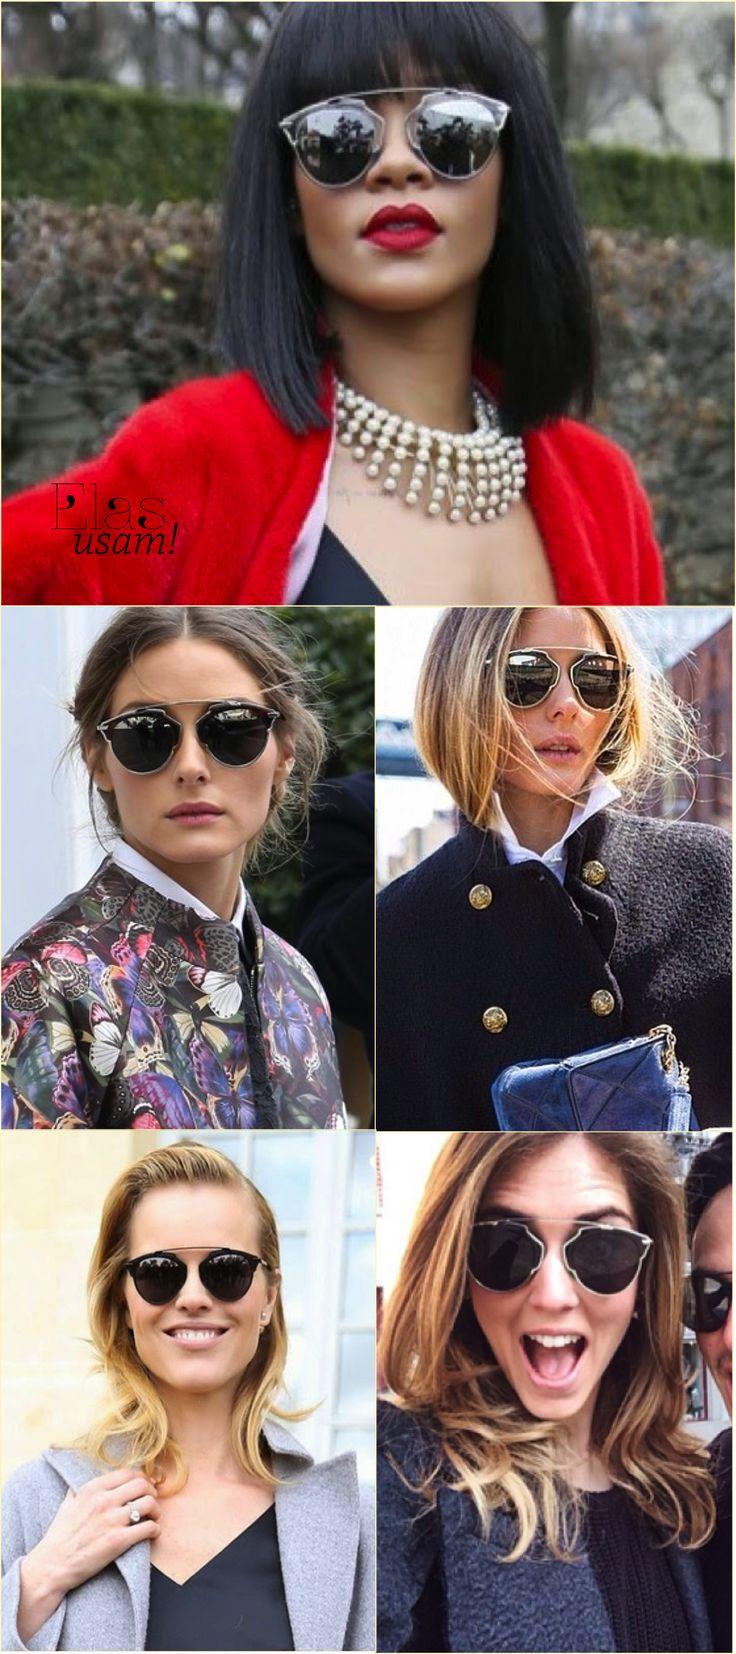 Inspired Dior So-Real-2014 http://produto.mercadolivre.com.br/MLB-602894634--oculos-de-sol-estilo-so-real-prata-e-preto-espelhado--_JM#redirectedFromParent